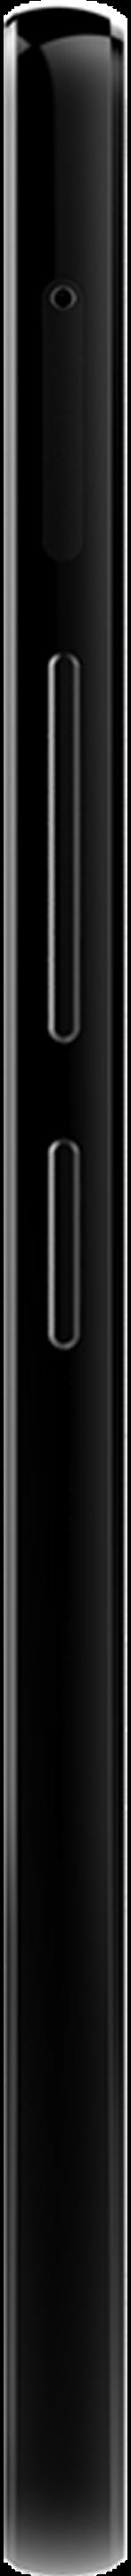 Мобильный телефон Archos Diamond S Black - 3